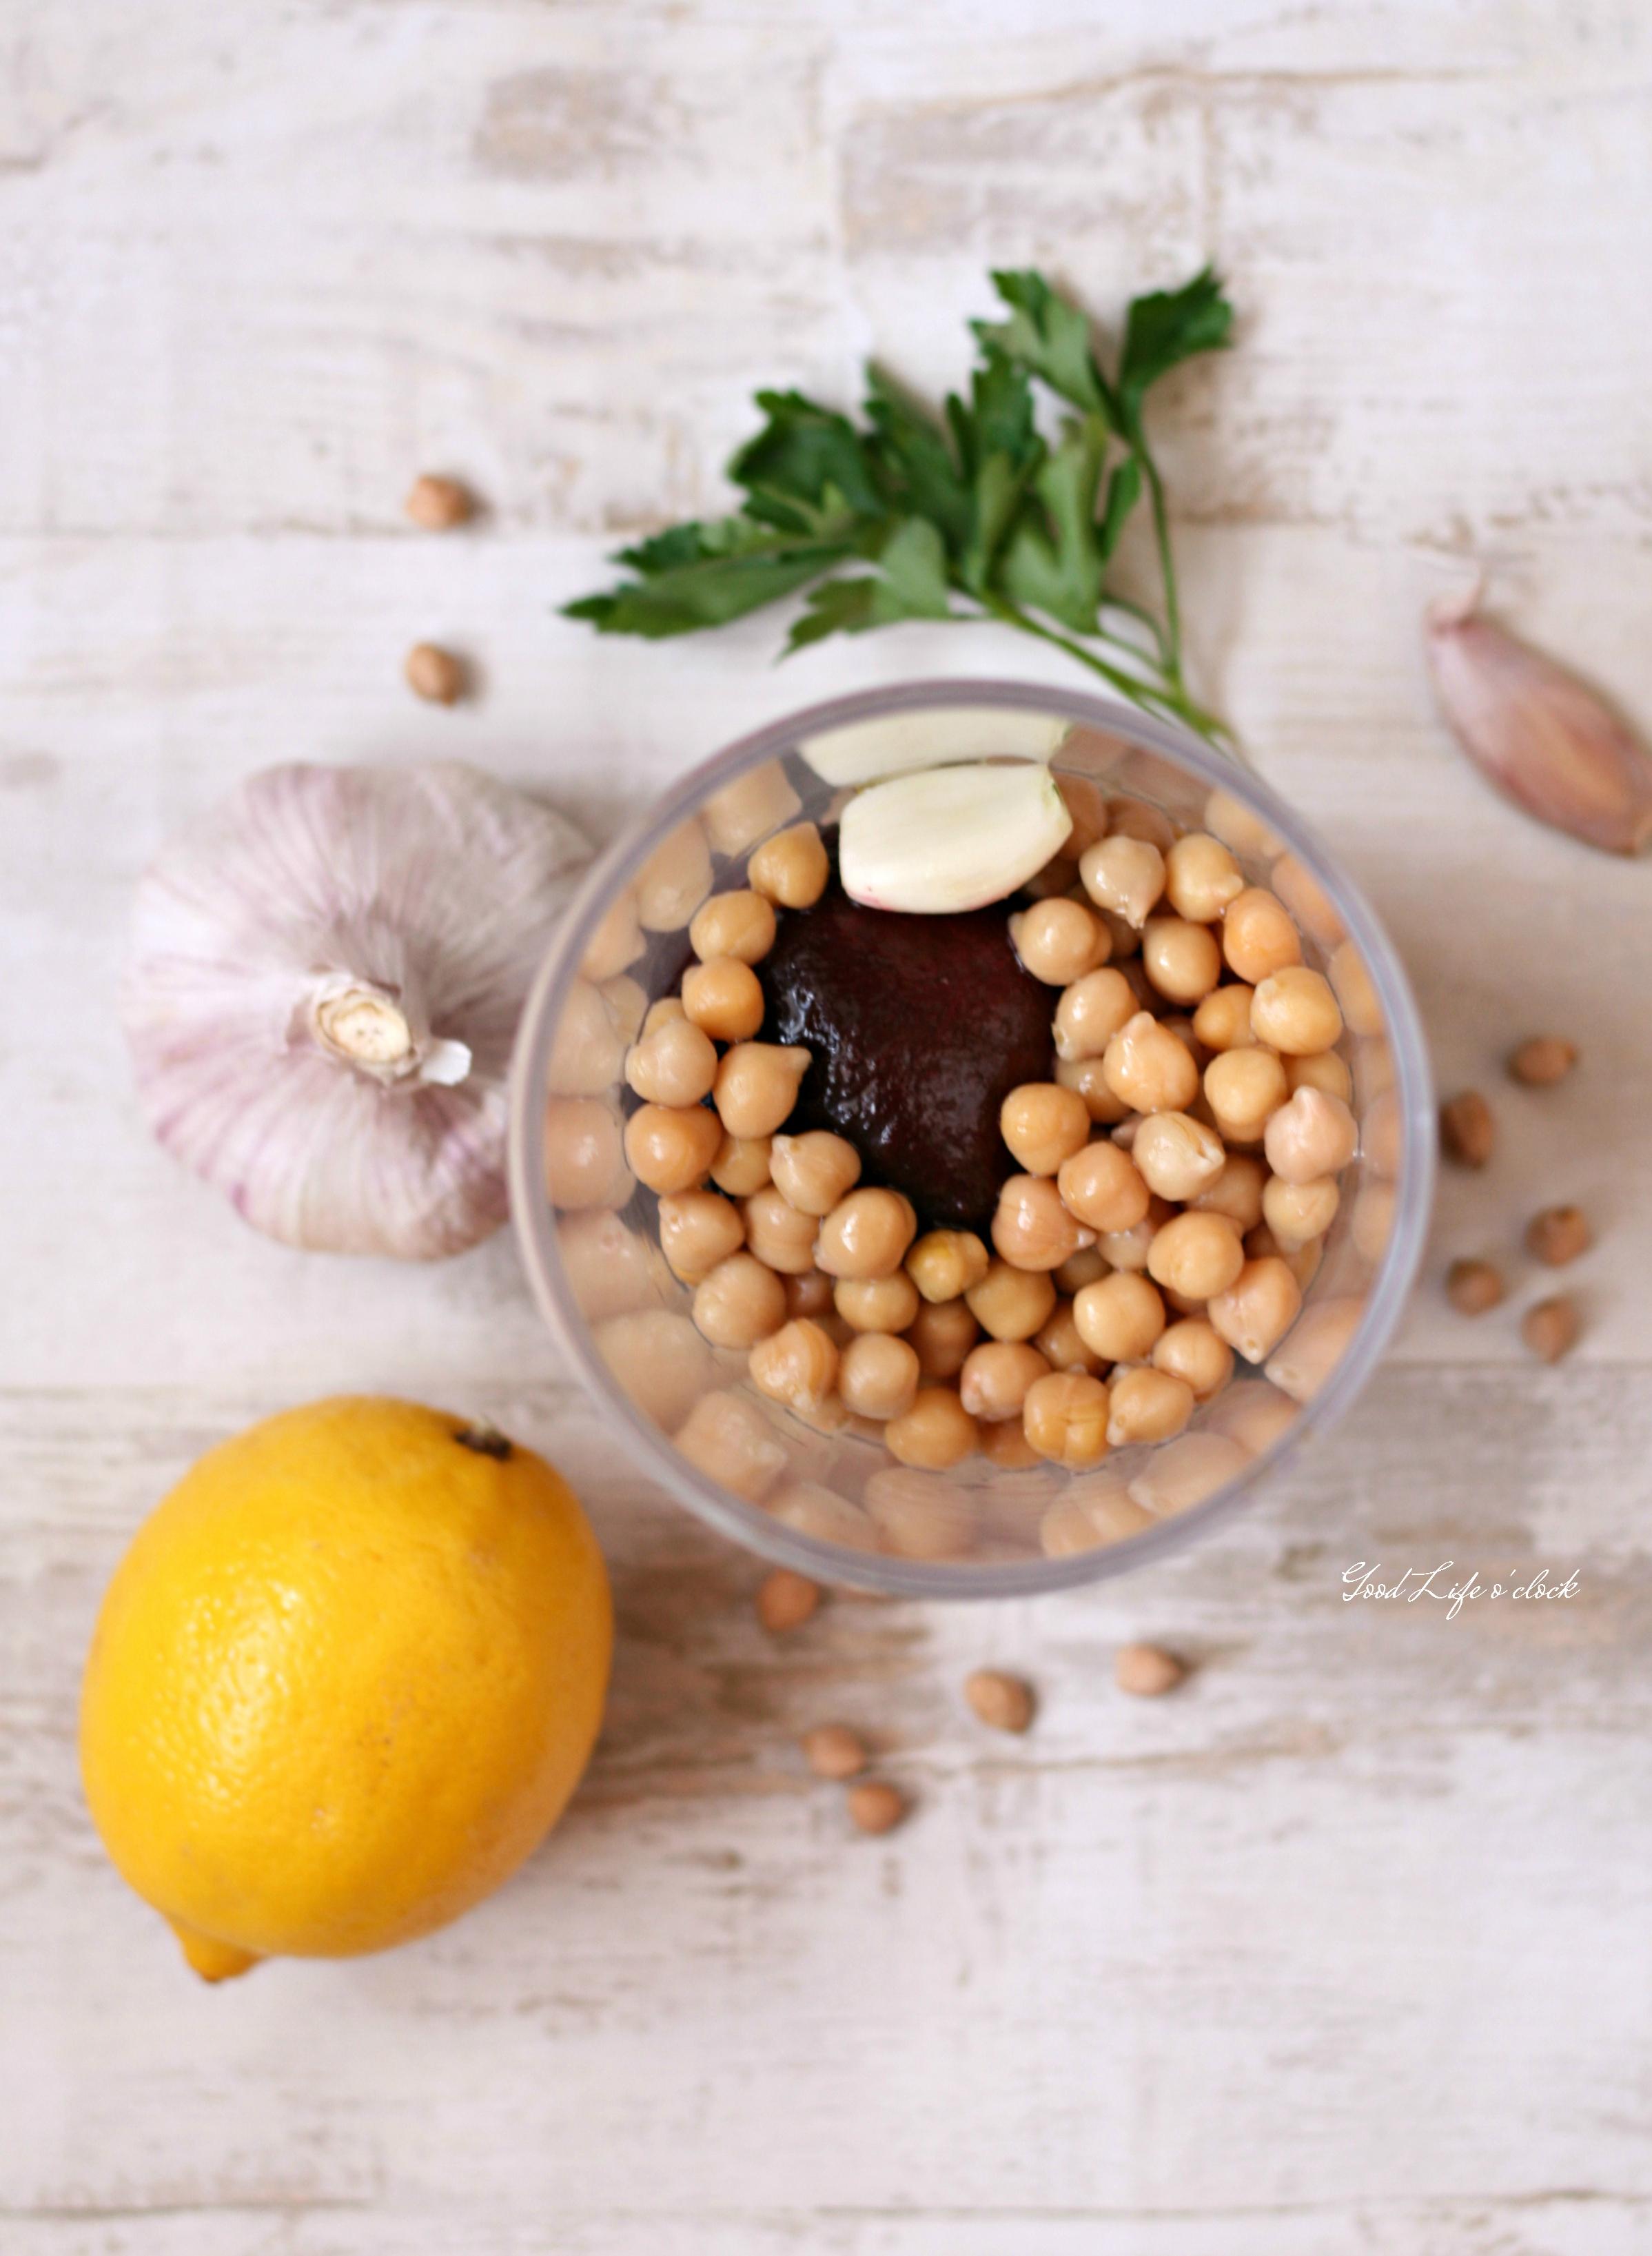 hummus-ingredients-gloc-a